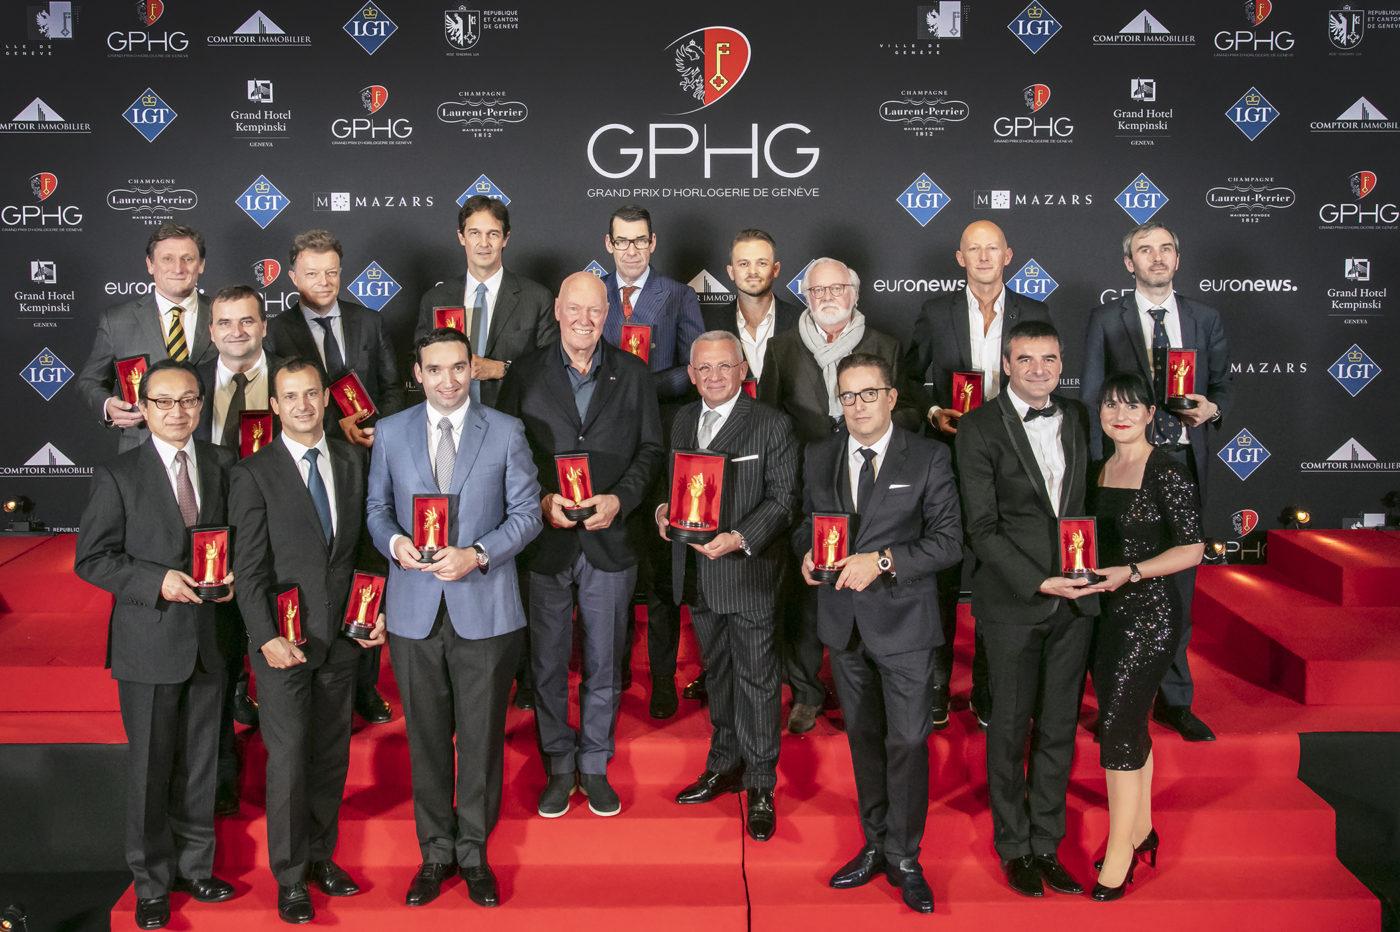 Grand Prix d'Horlogerie de Geneve 2018 – zwycięzcy